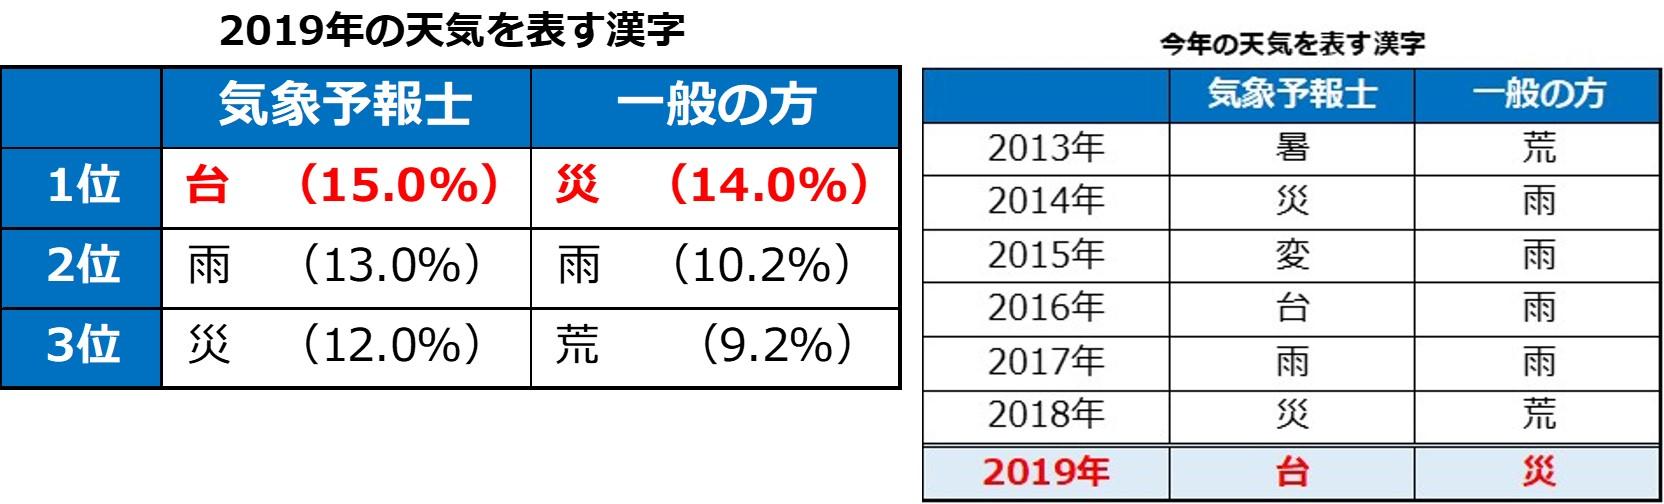 2019年 今年の天気を表す漢字 1位から3位